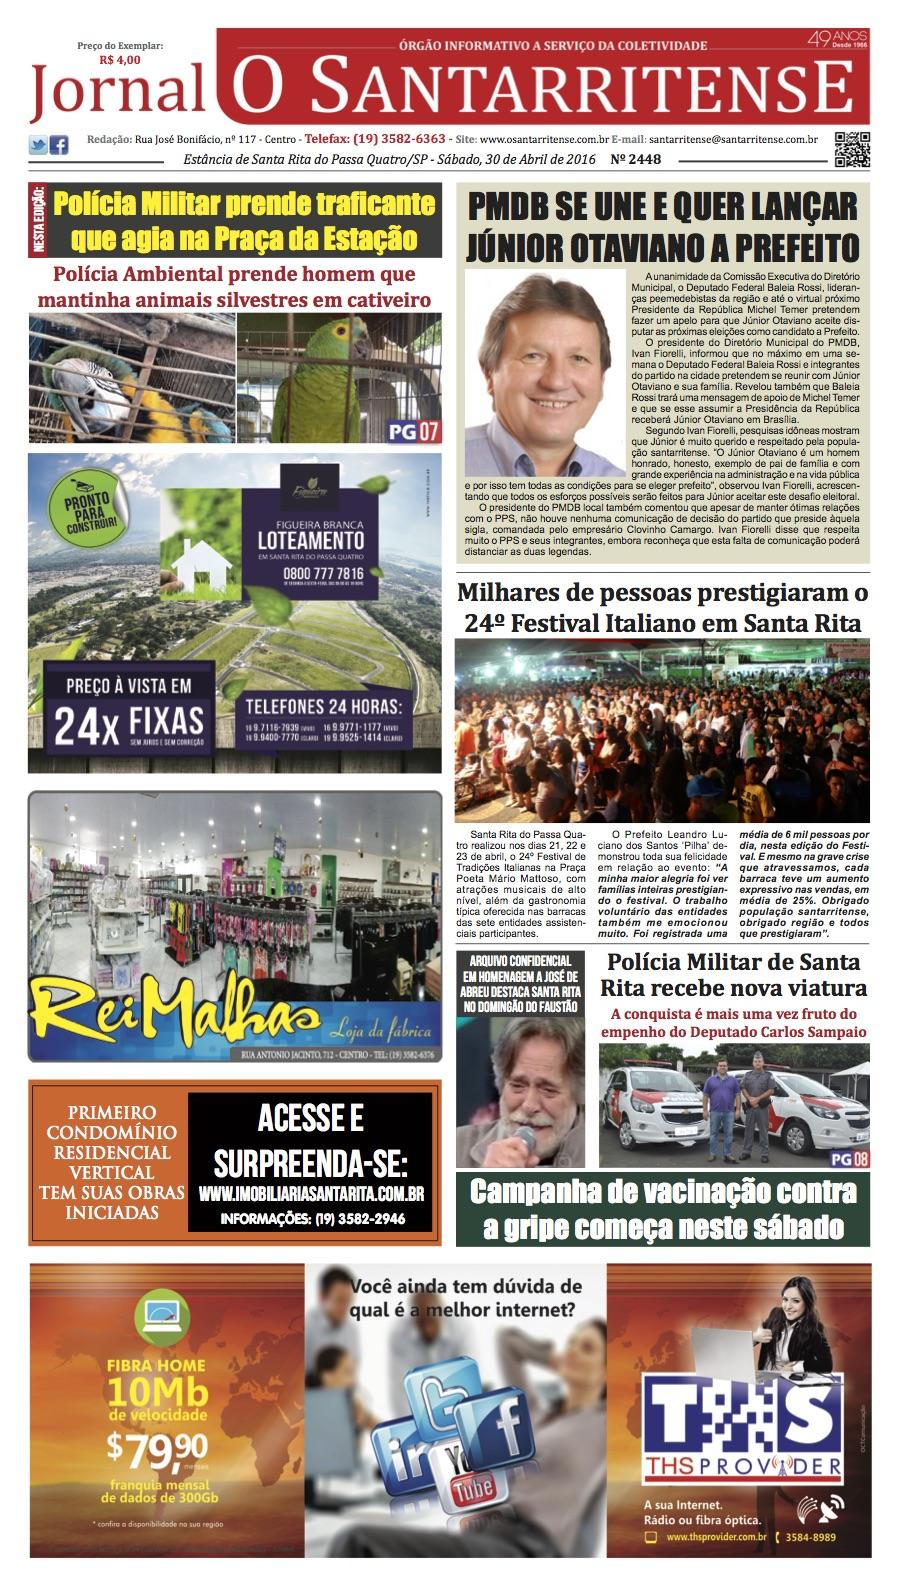 Capa de 'O Santarritense' - 30 de abril de 2016